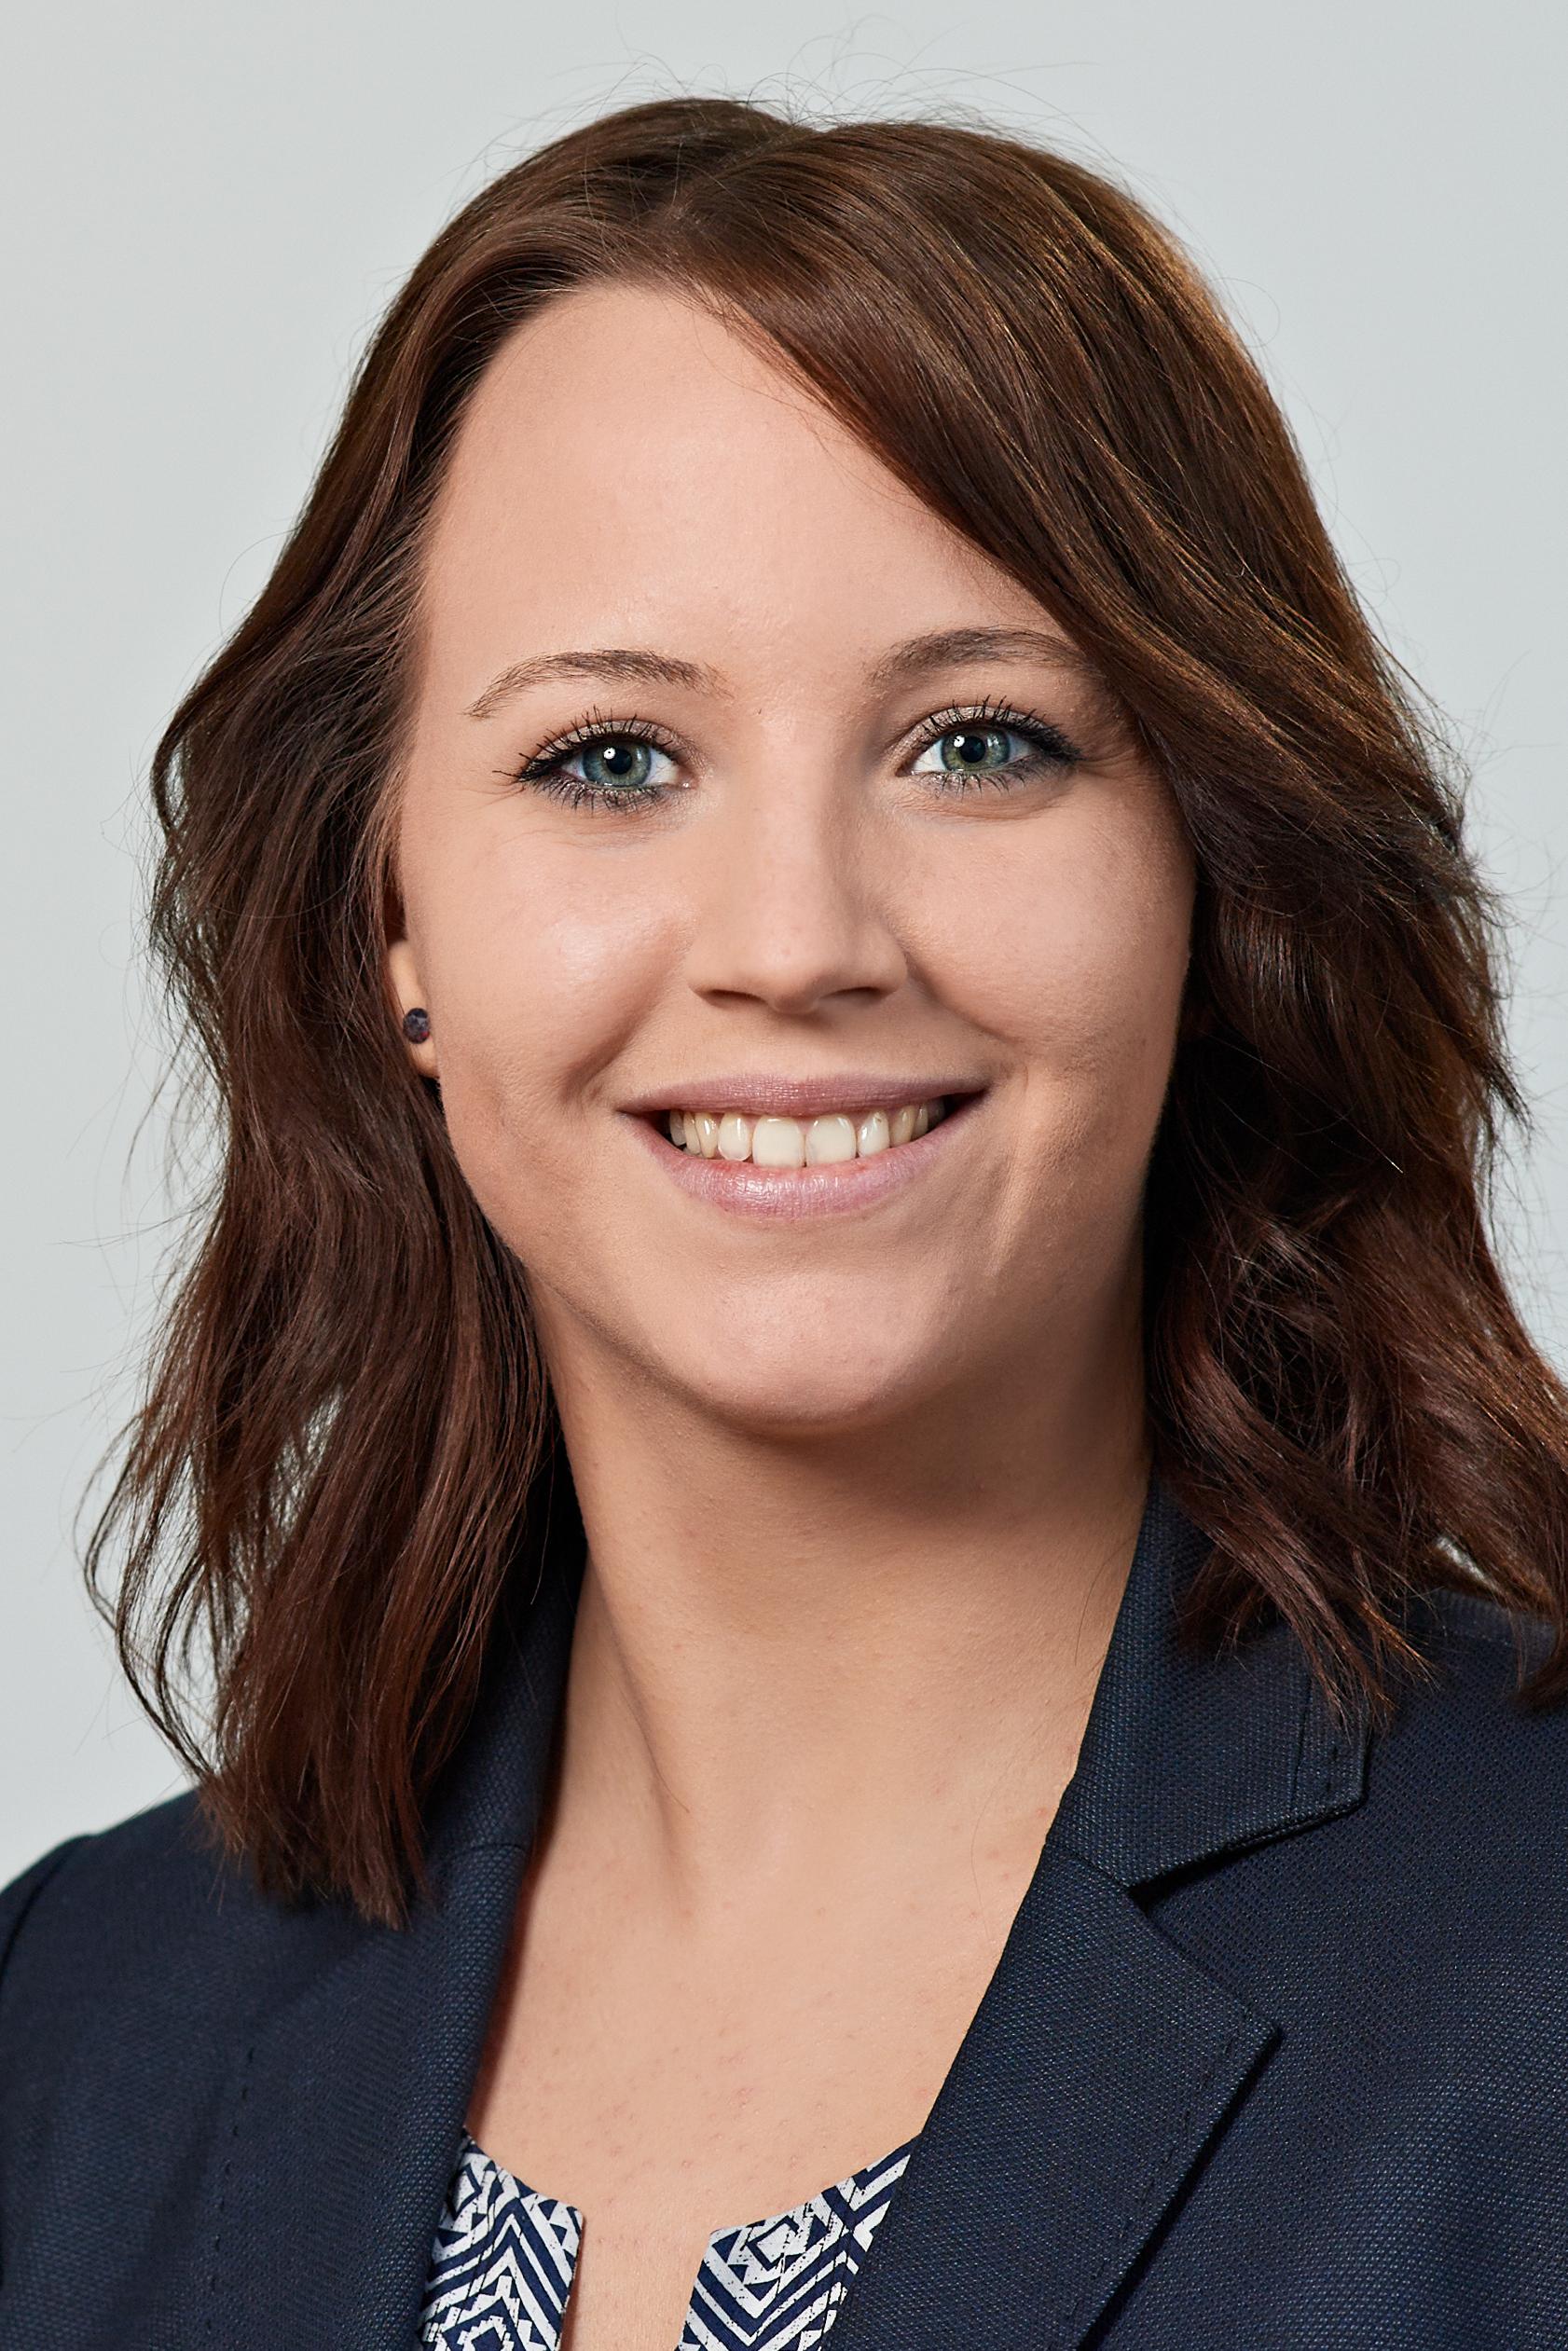 Stephanie Simon - Projektreferentin beim VDW und für die METAV digital verantwortlich - Quelle VDW